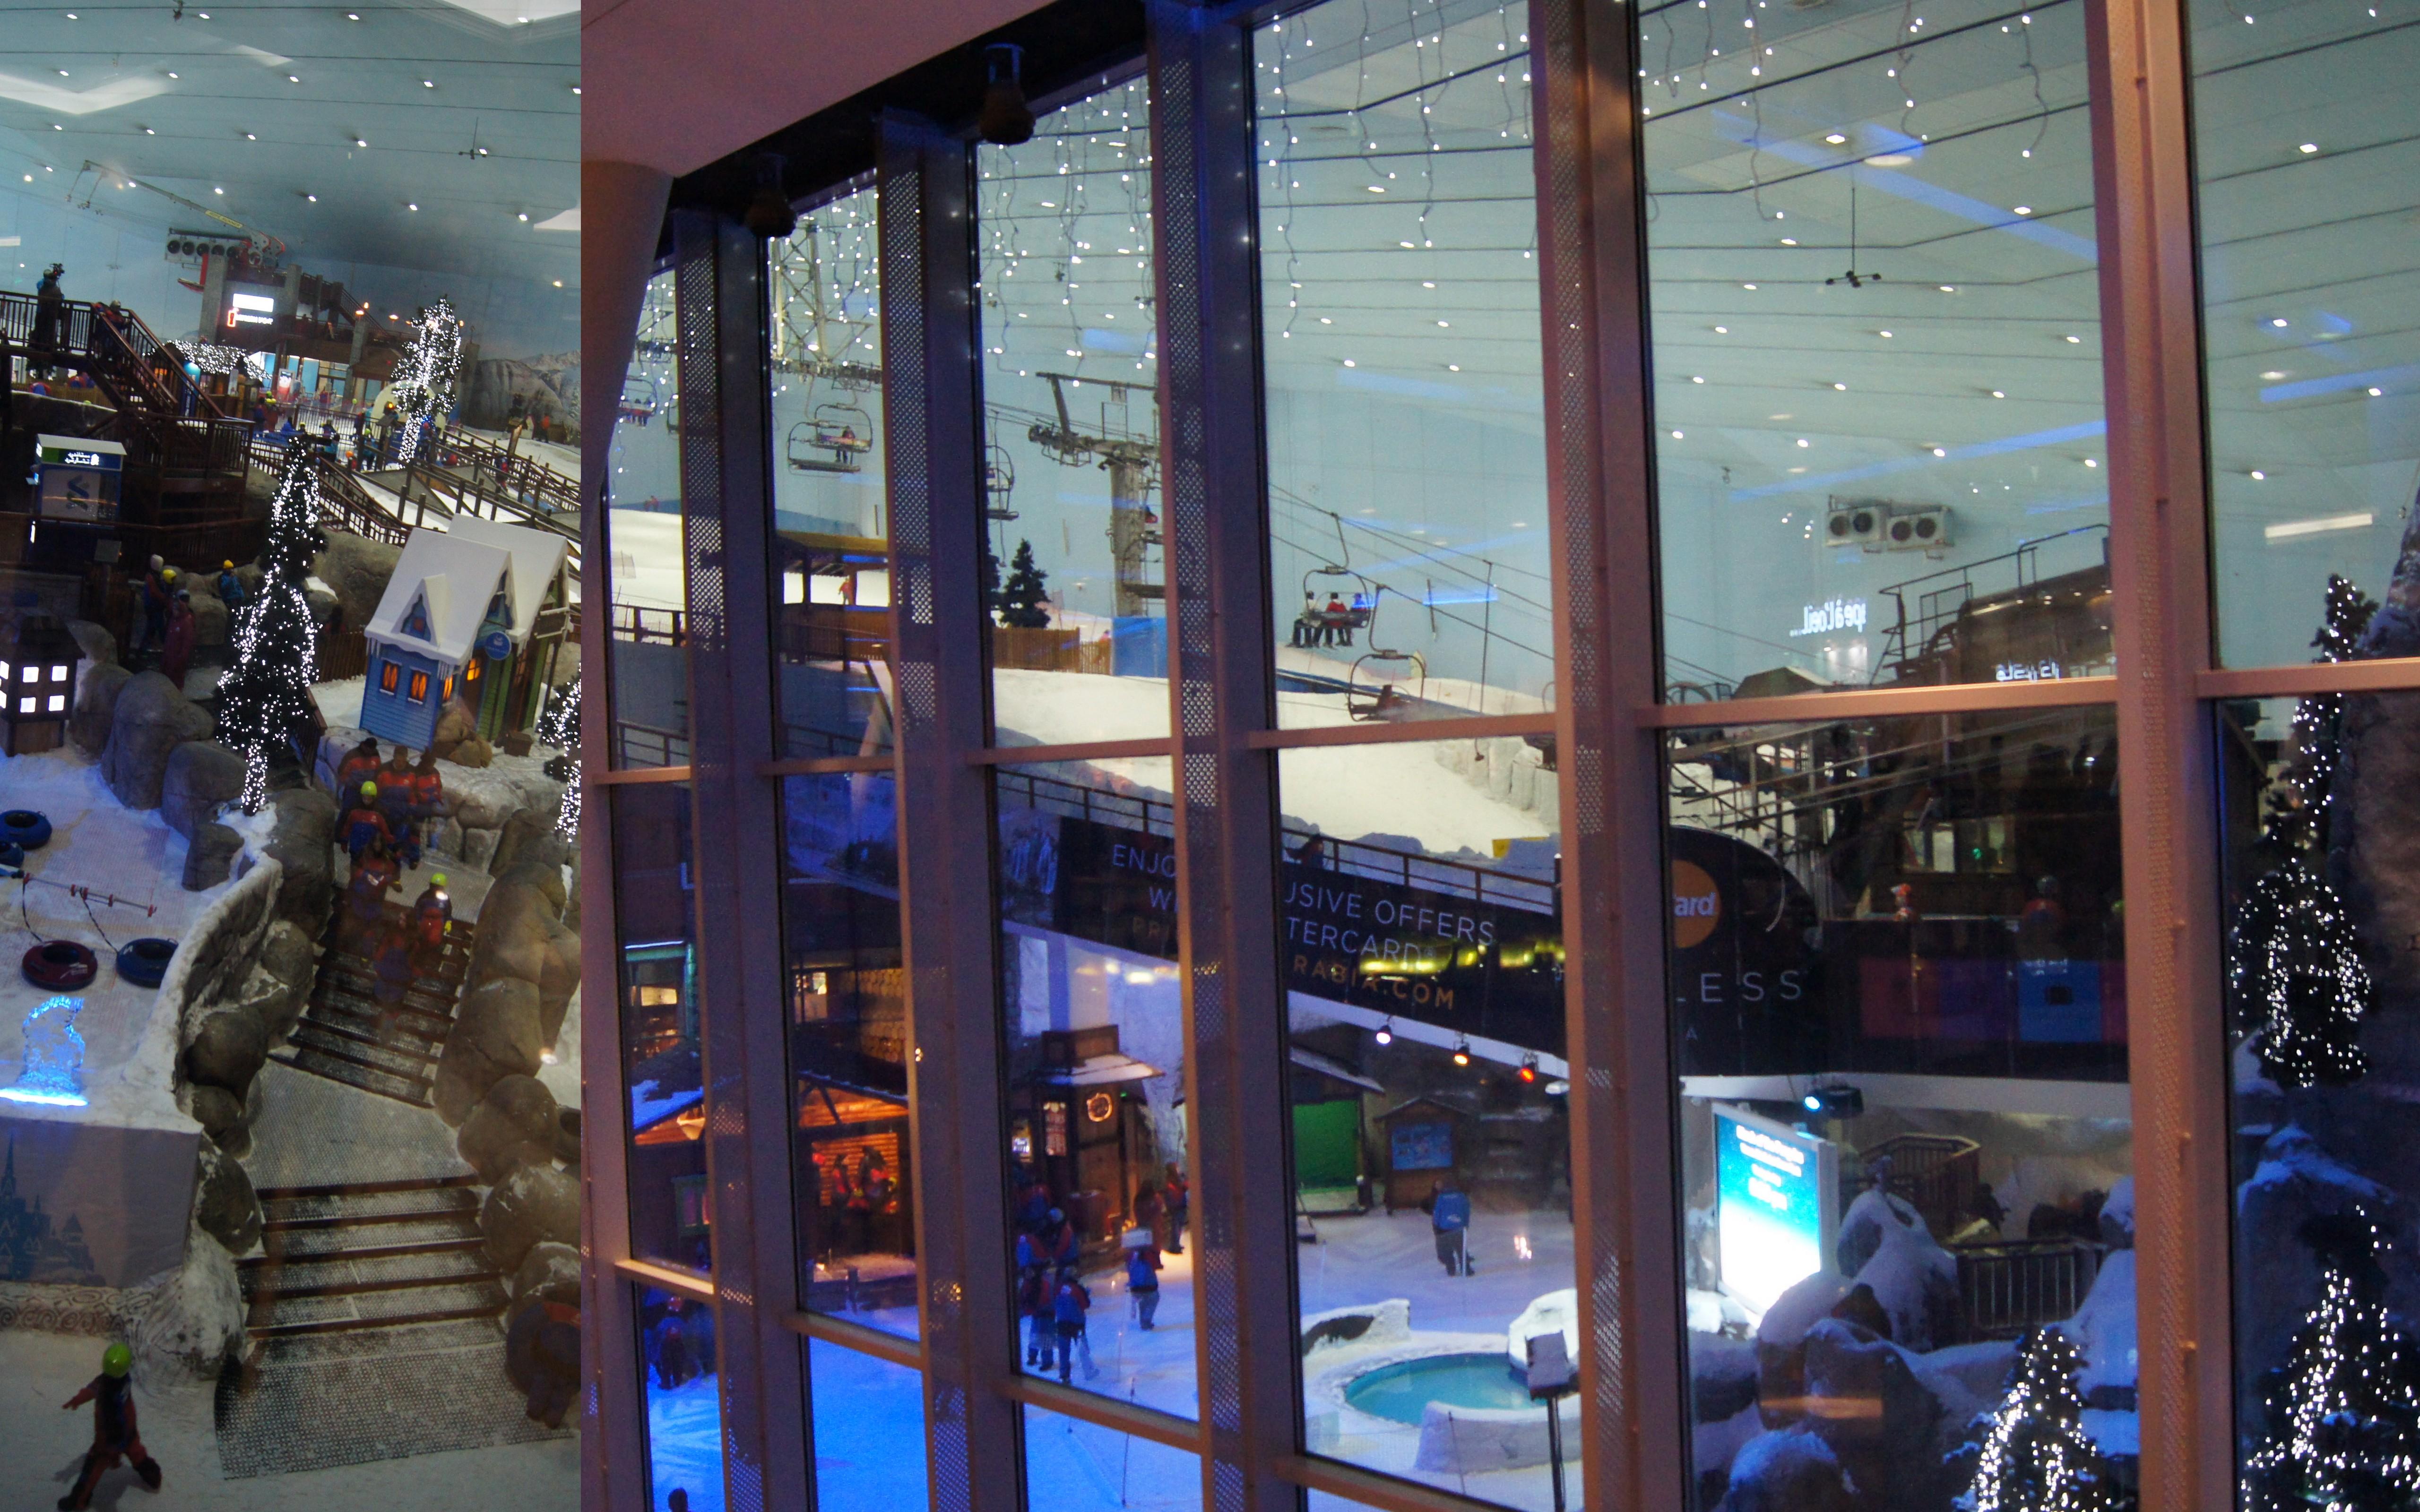 Peisajele calatorului-mall of emirates